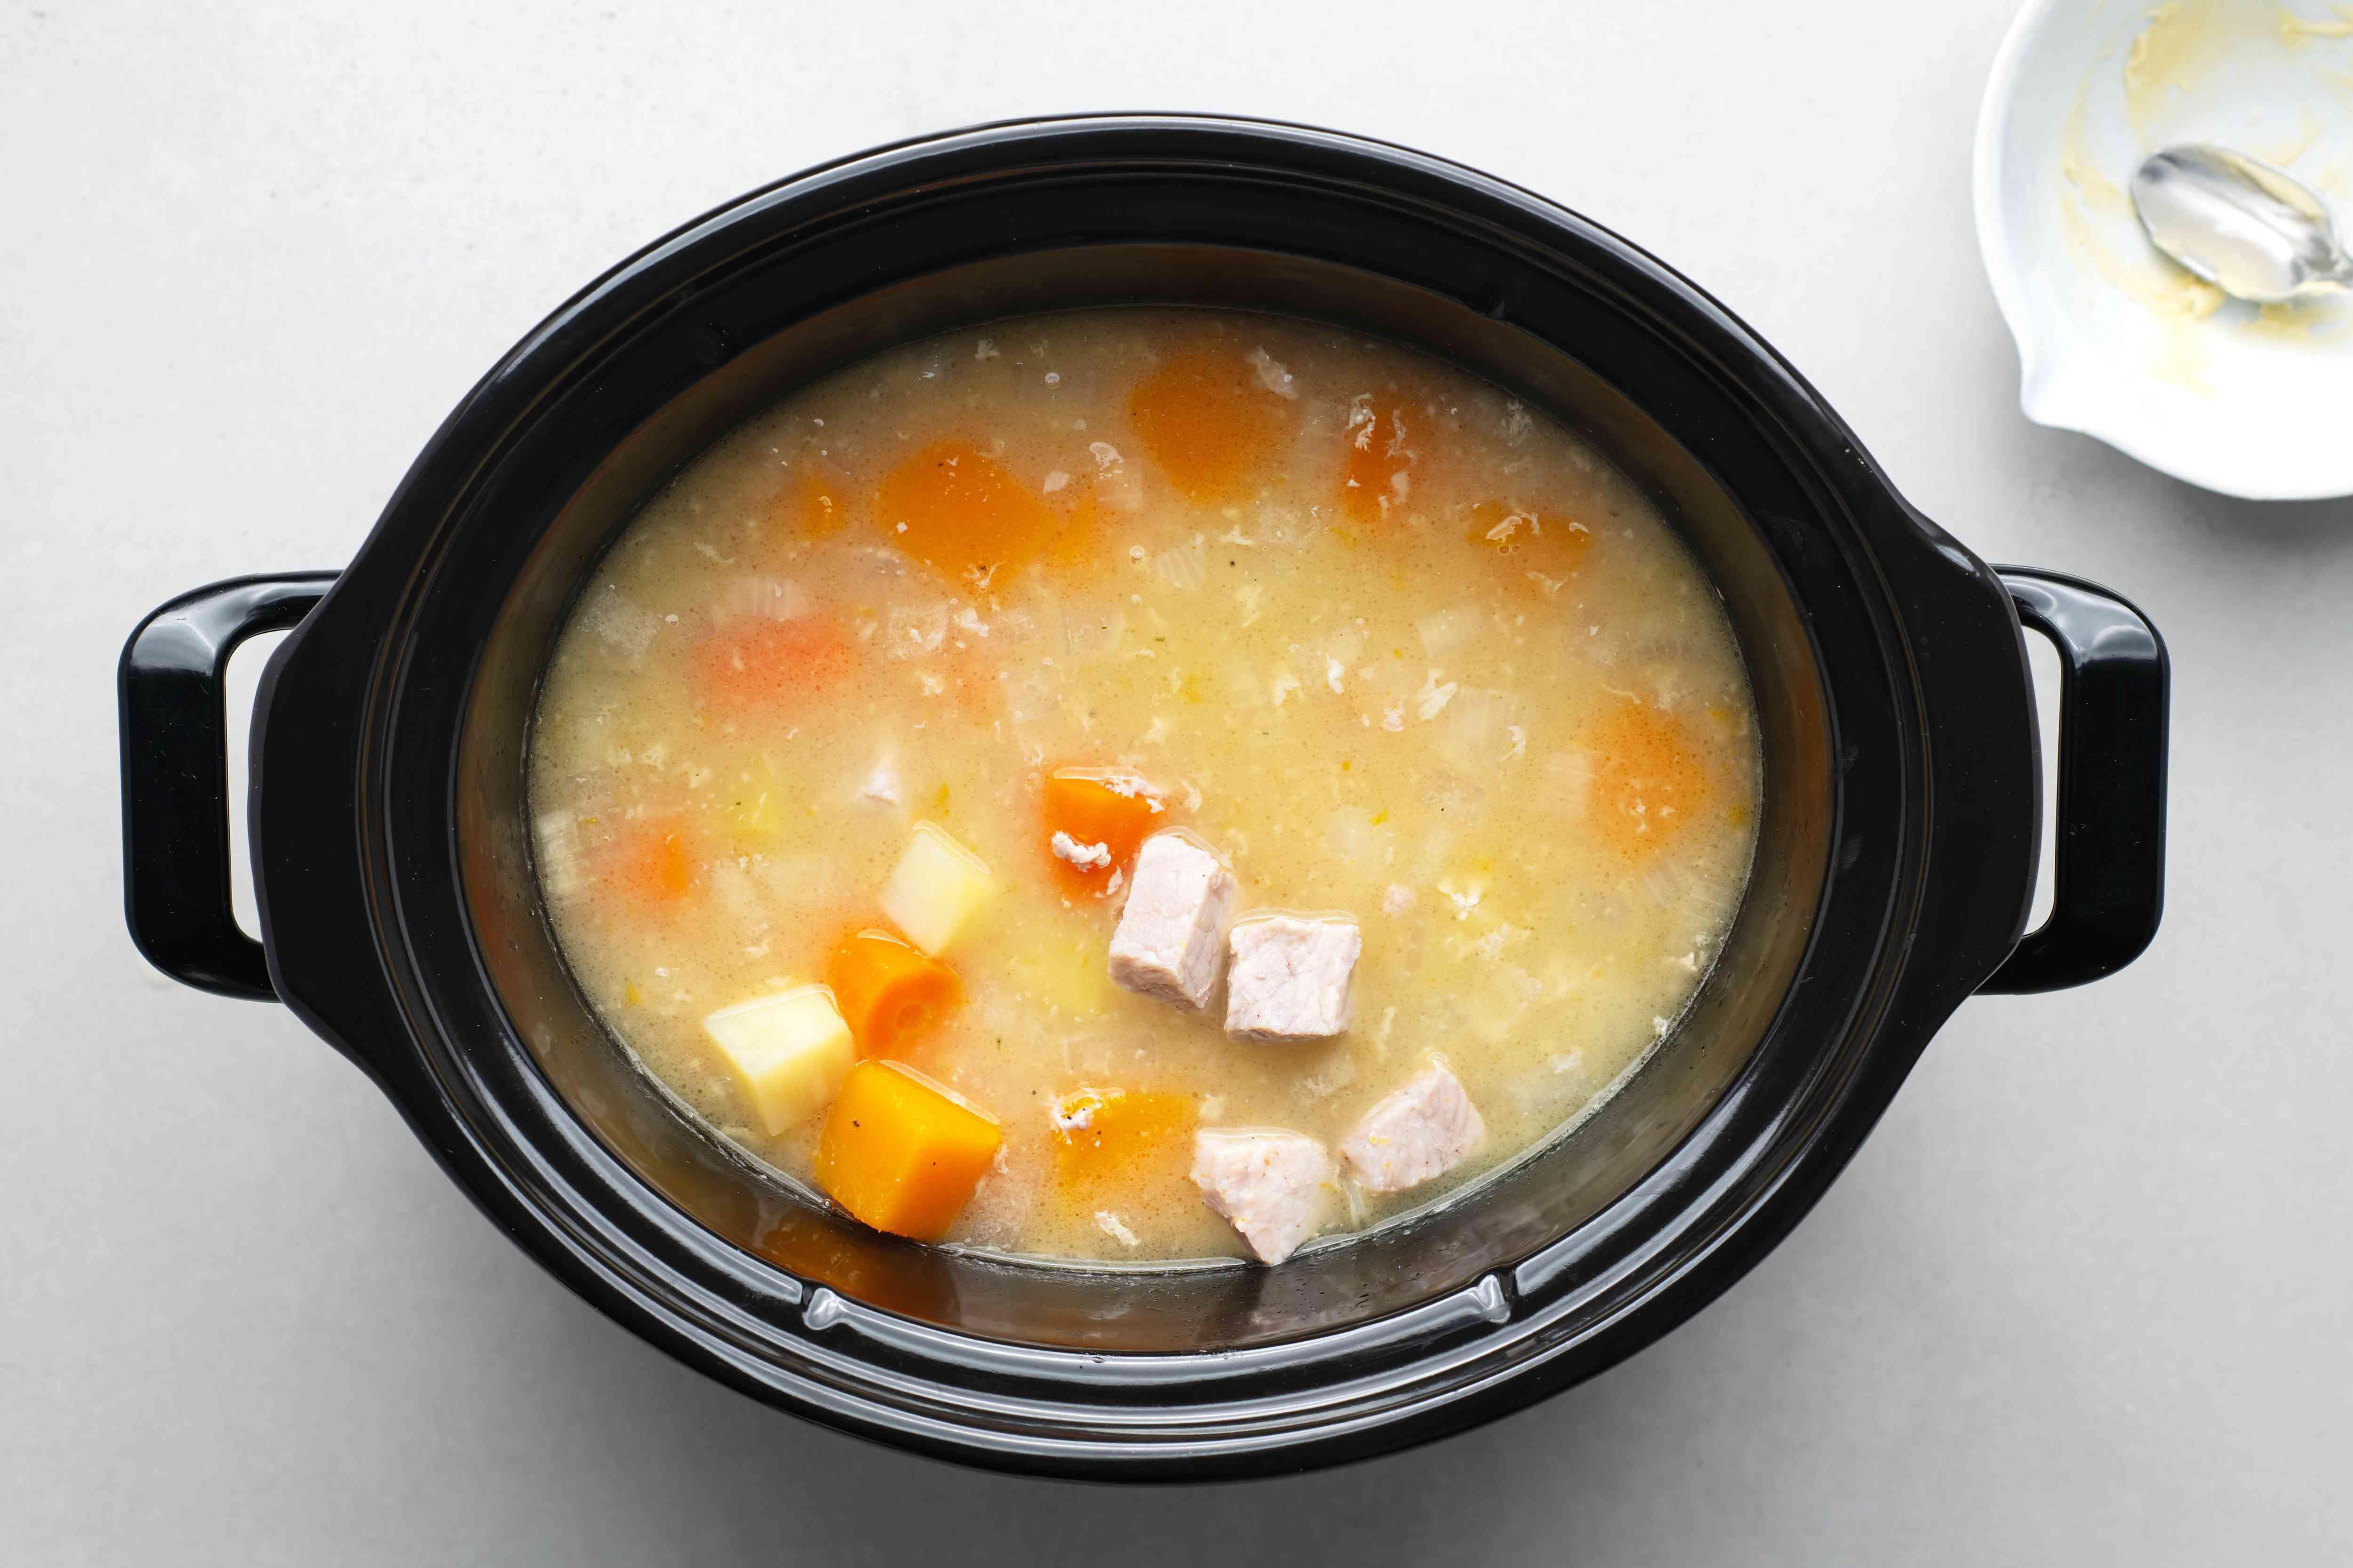 Pork stew cooking in a crock pot, flour mixture added